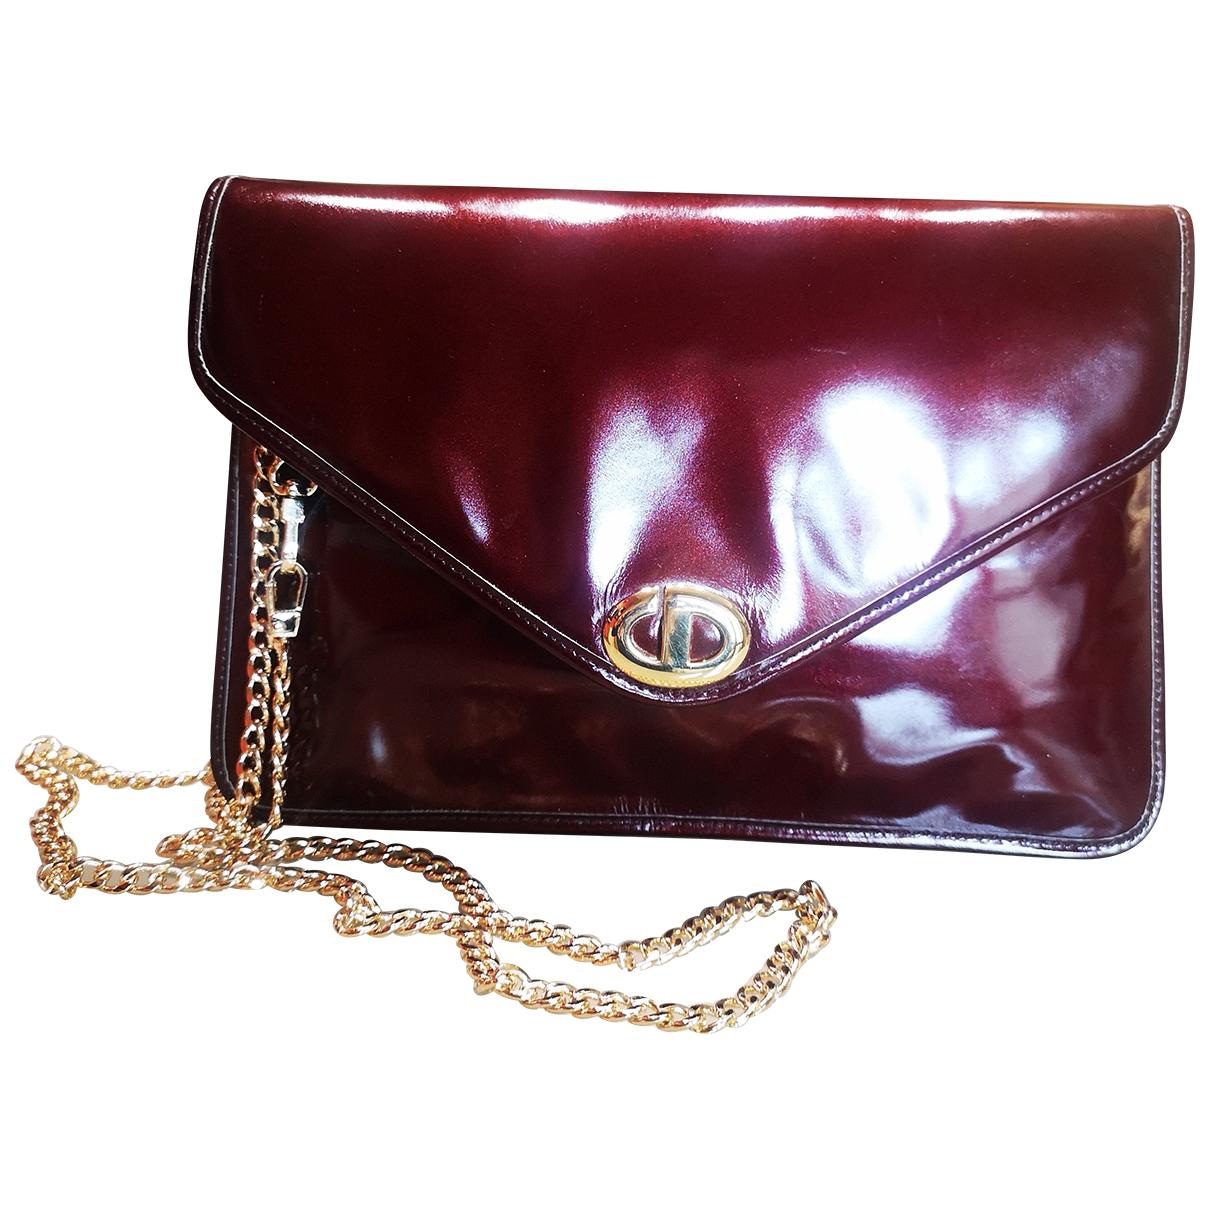 Christian Dior \N Handtasche in  Bordeauxrot Lackleder